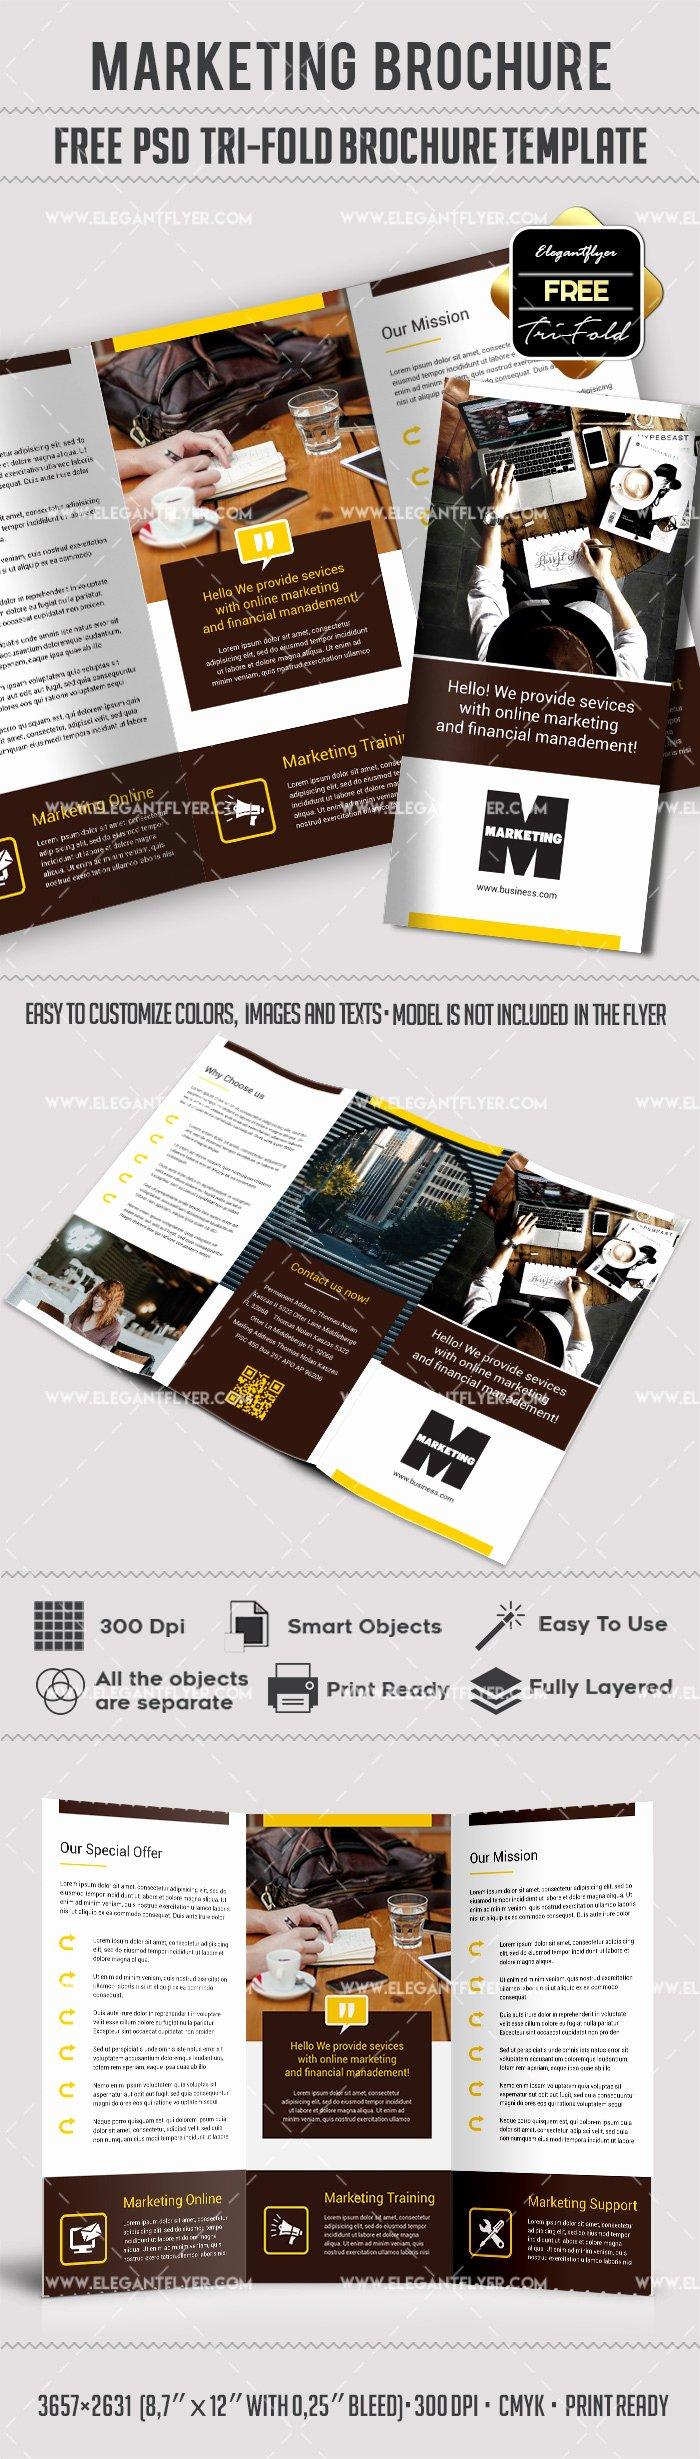 Tri Fold Brochure Template Psd Unique Marketing – Free Tri Fold Psd Brochure Template – by Elegantflyer